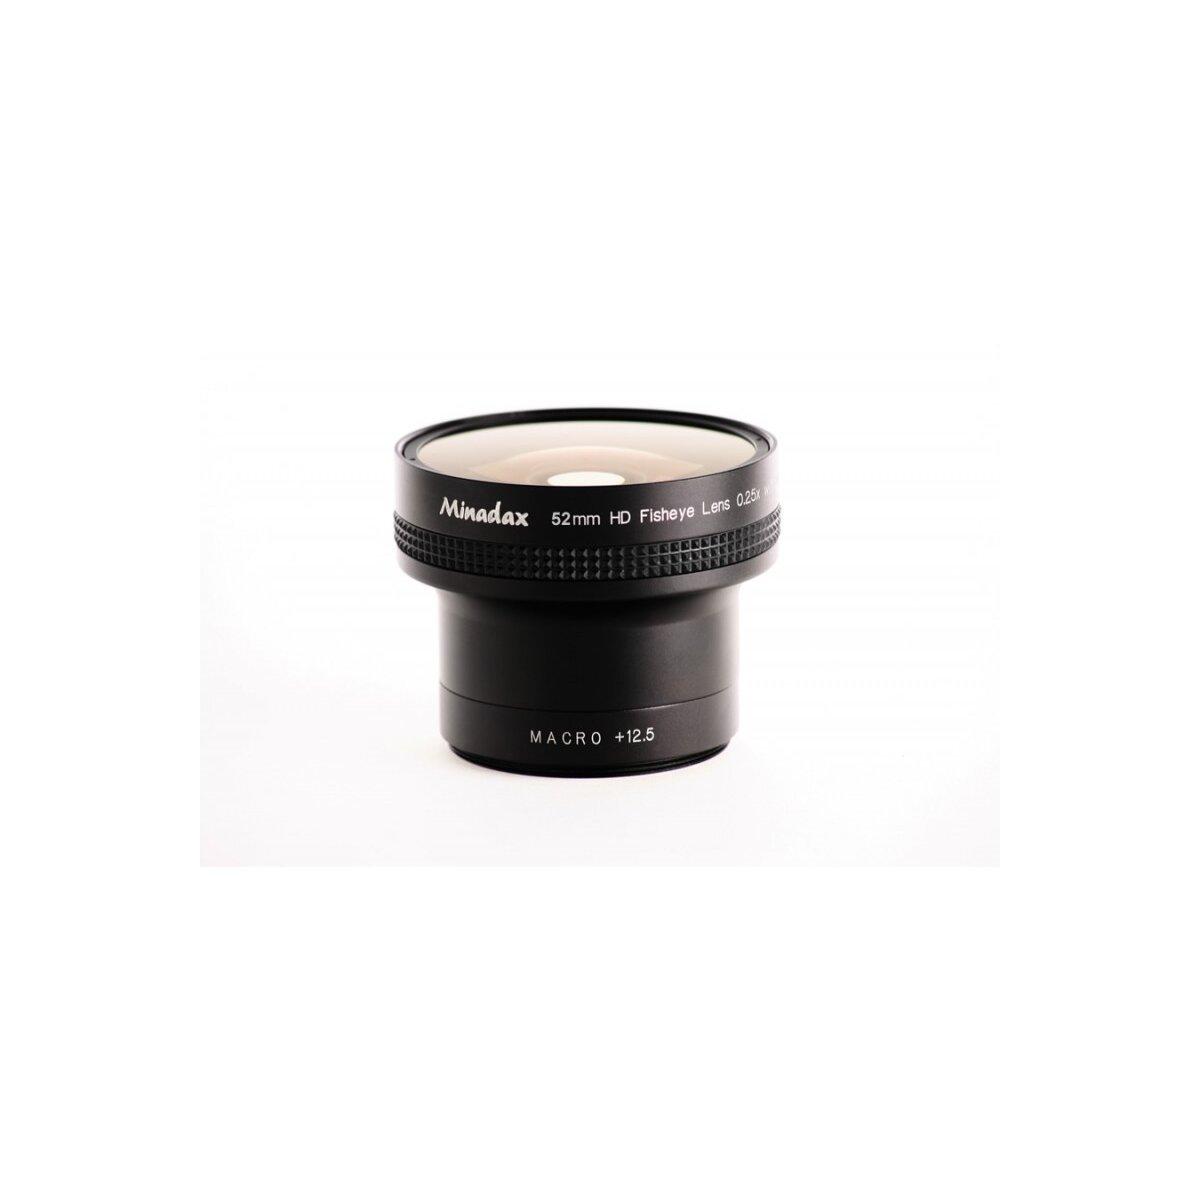 Minadax 0.25x Fisheye Vorsatz kompatibel mit Sony DSC-F505, DSC-F505V - in schwarz